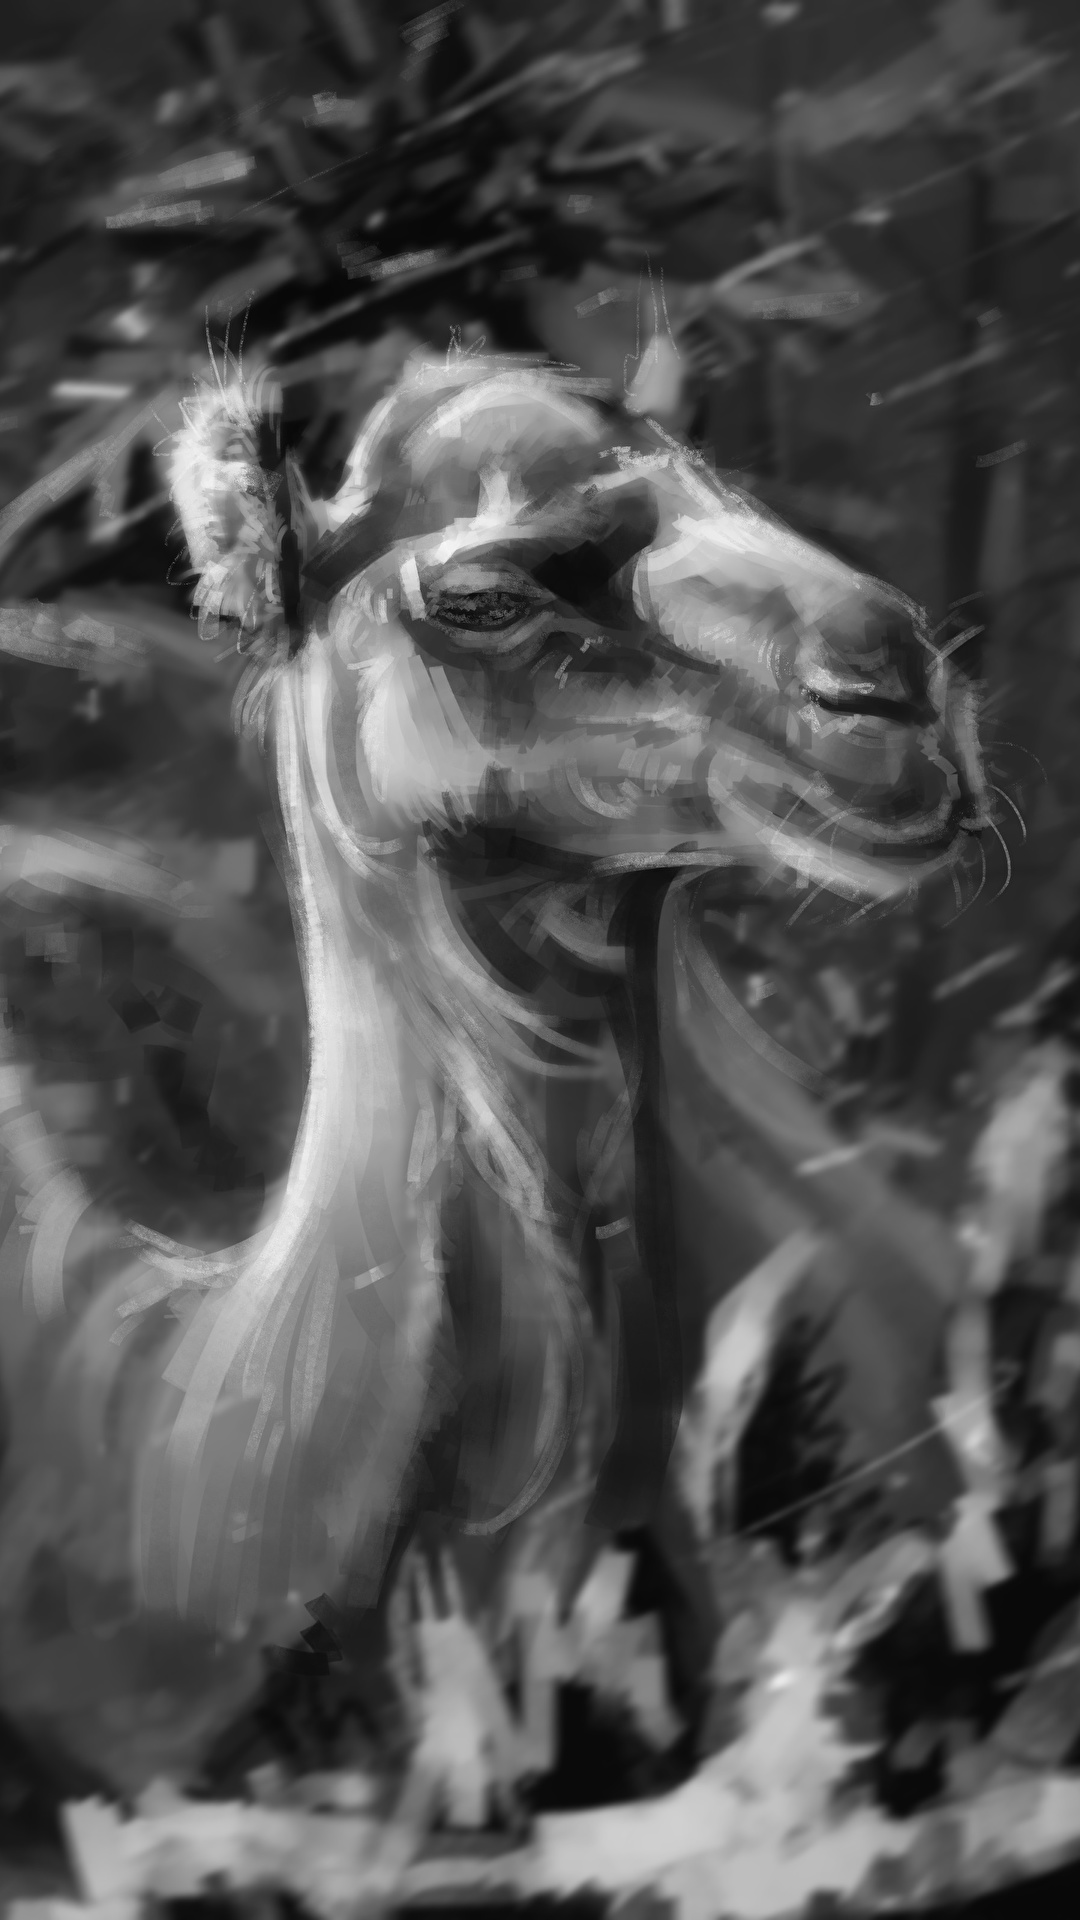 壁紙 1080x19 ラクダ 描かれた壁紙 白黒 頭 動物 ダウンロード 写真